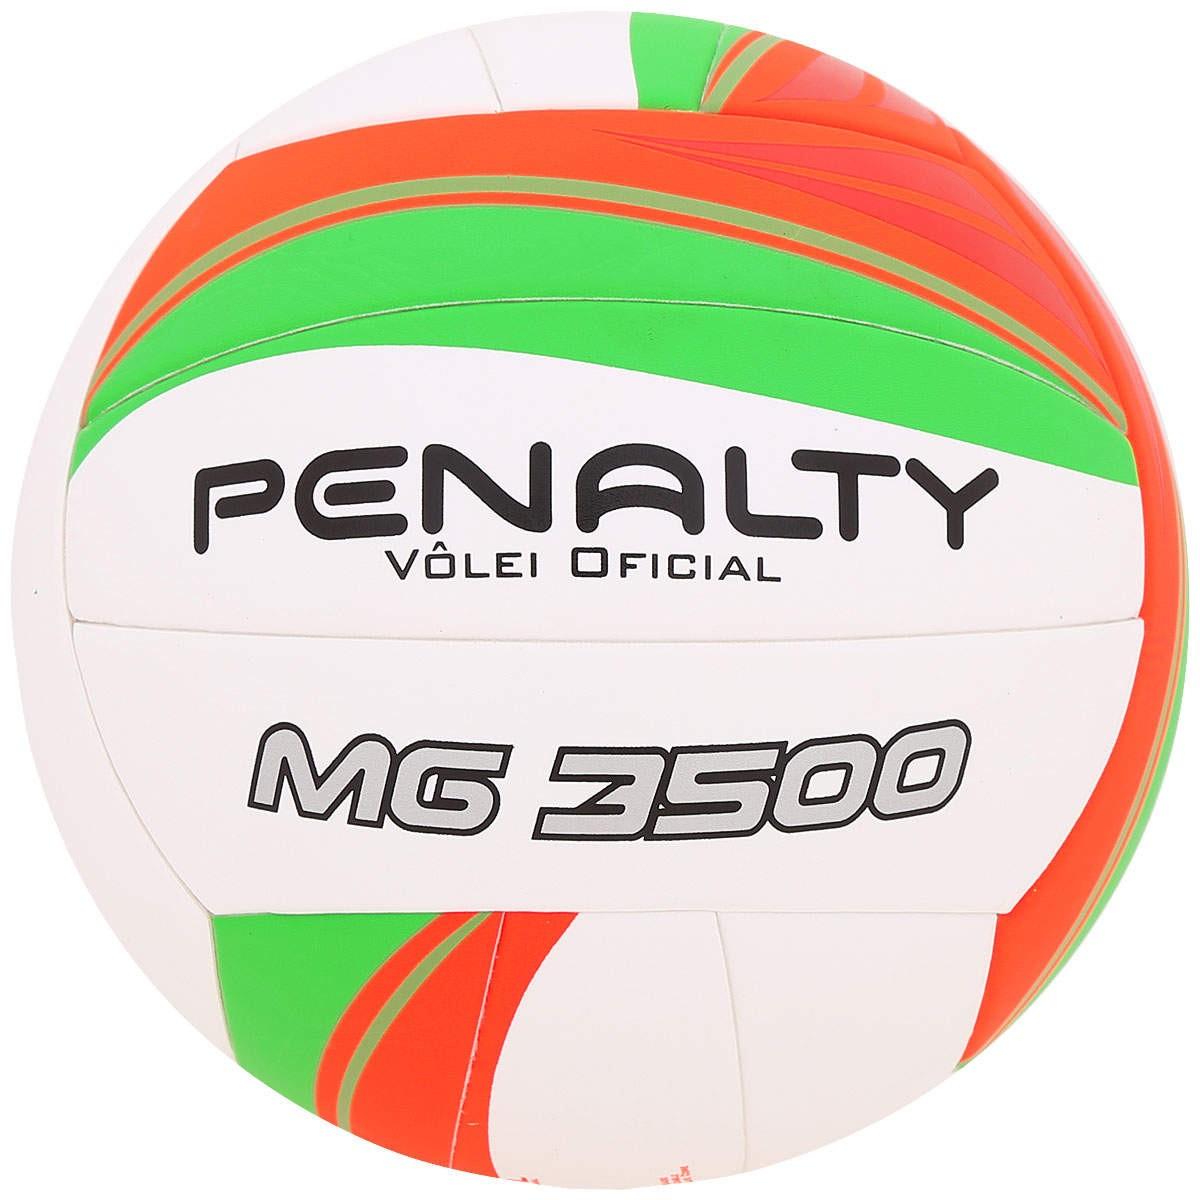 63974935163d2 Bola Vôlei Penalty MG 3500 V 520186 1790 Branco Laranja Verde